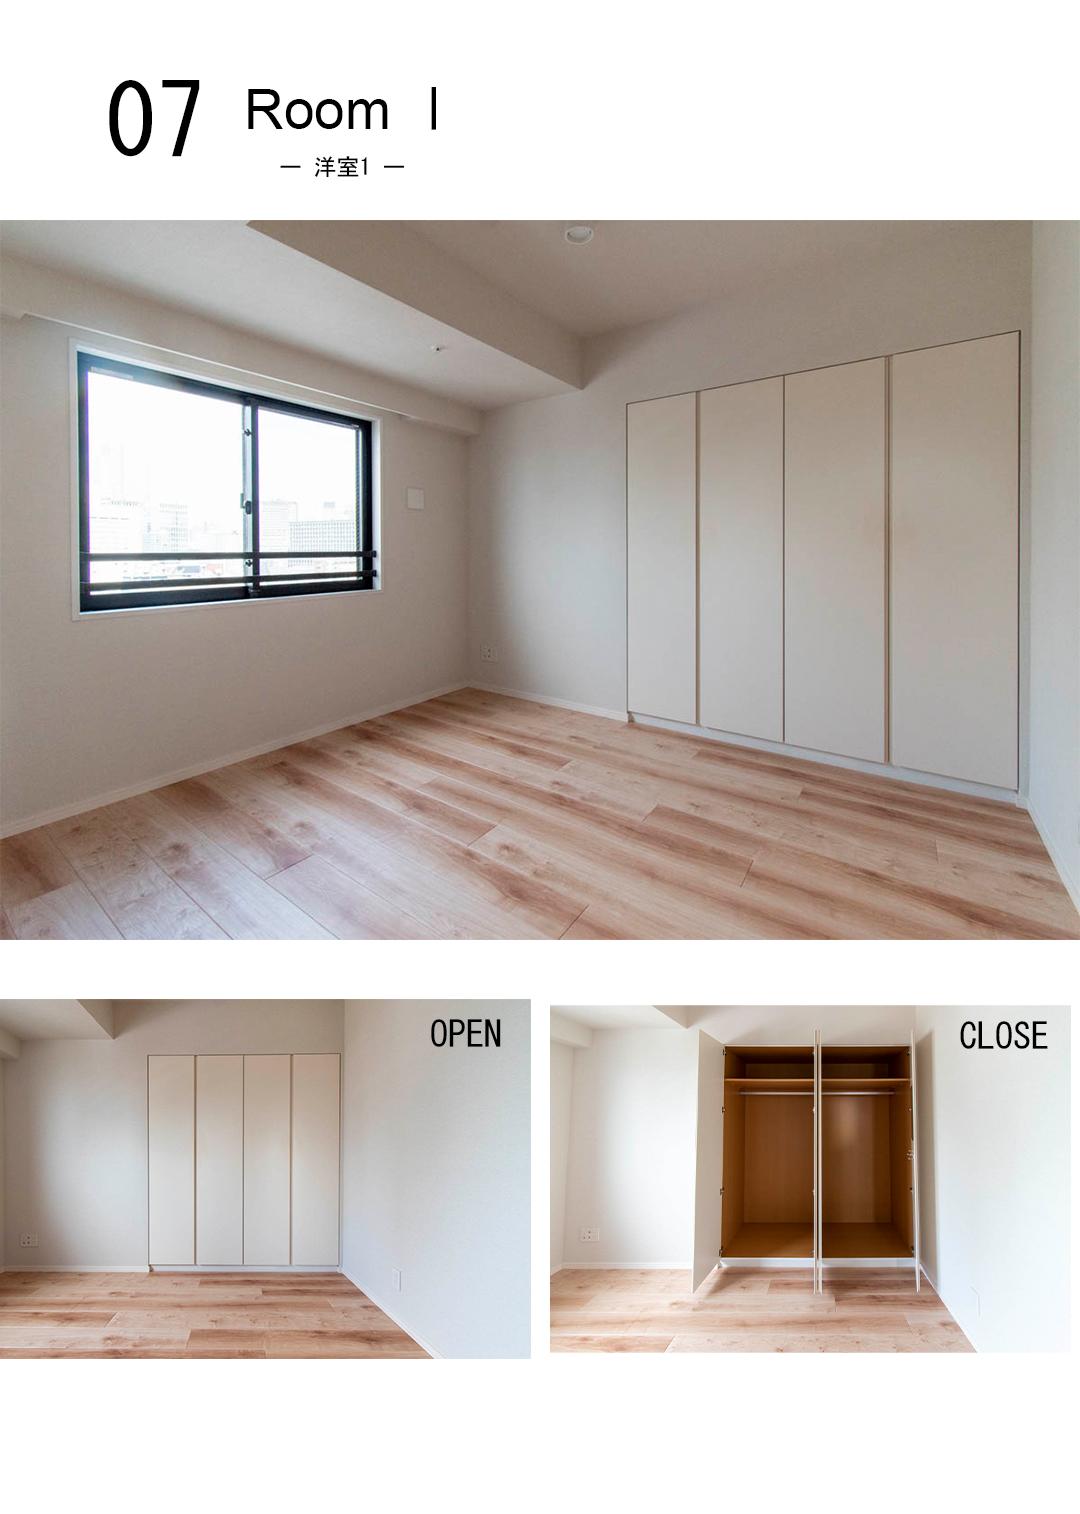 07洋室1,Room Ⅰ